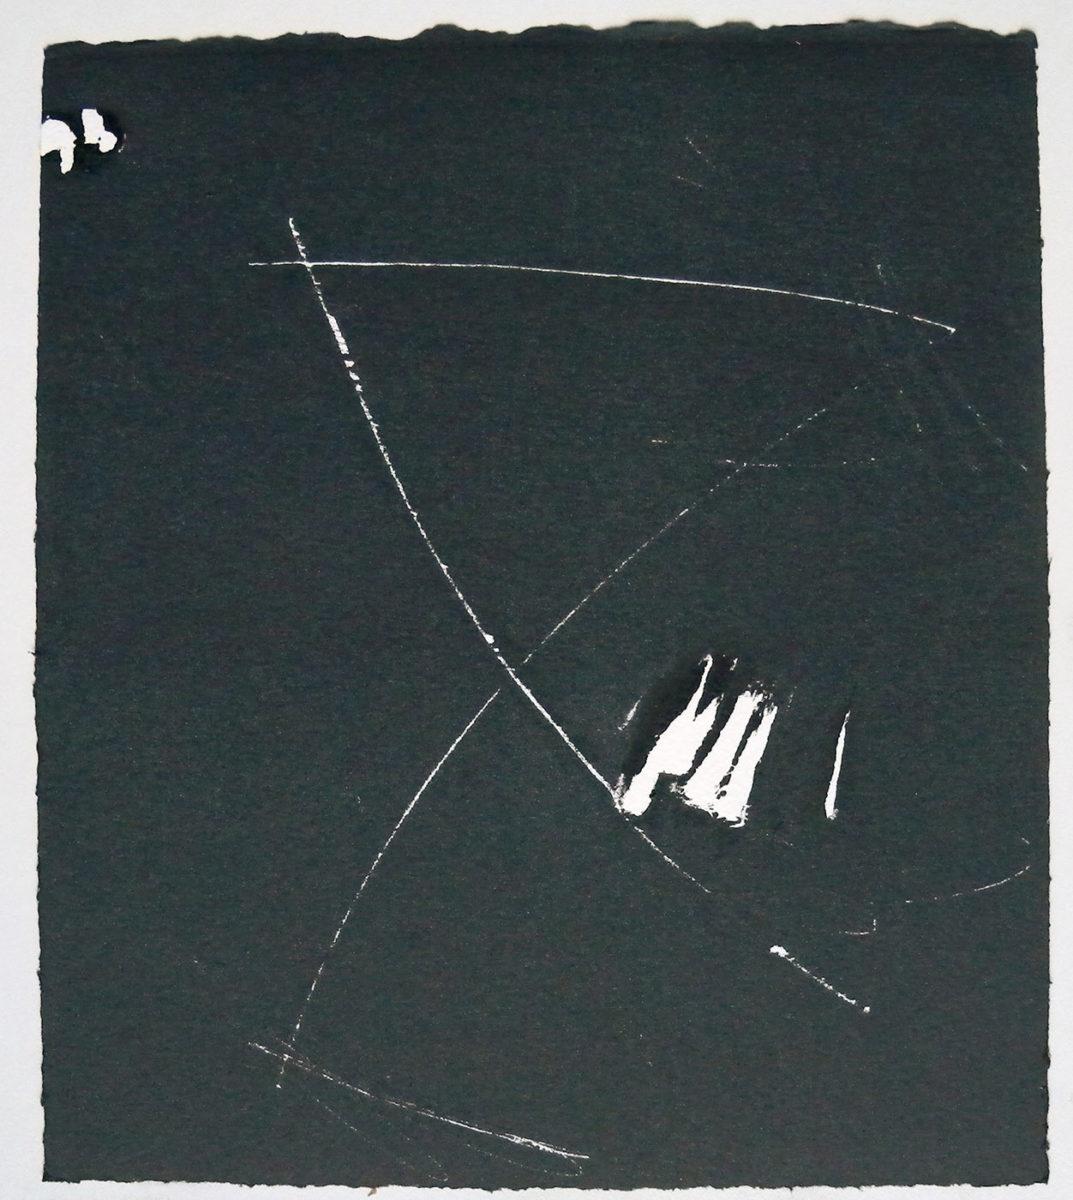 MARC FELD 2012 SONG FOR STEVE LACY 12 Gravure sur bois encre sur papier 25 x 26 cm (Tirage Patrick Vernet)